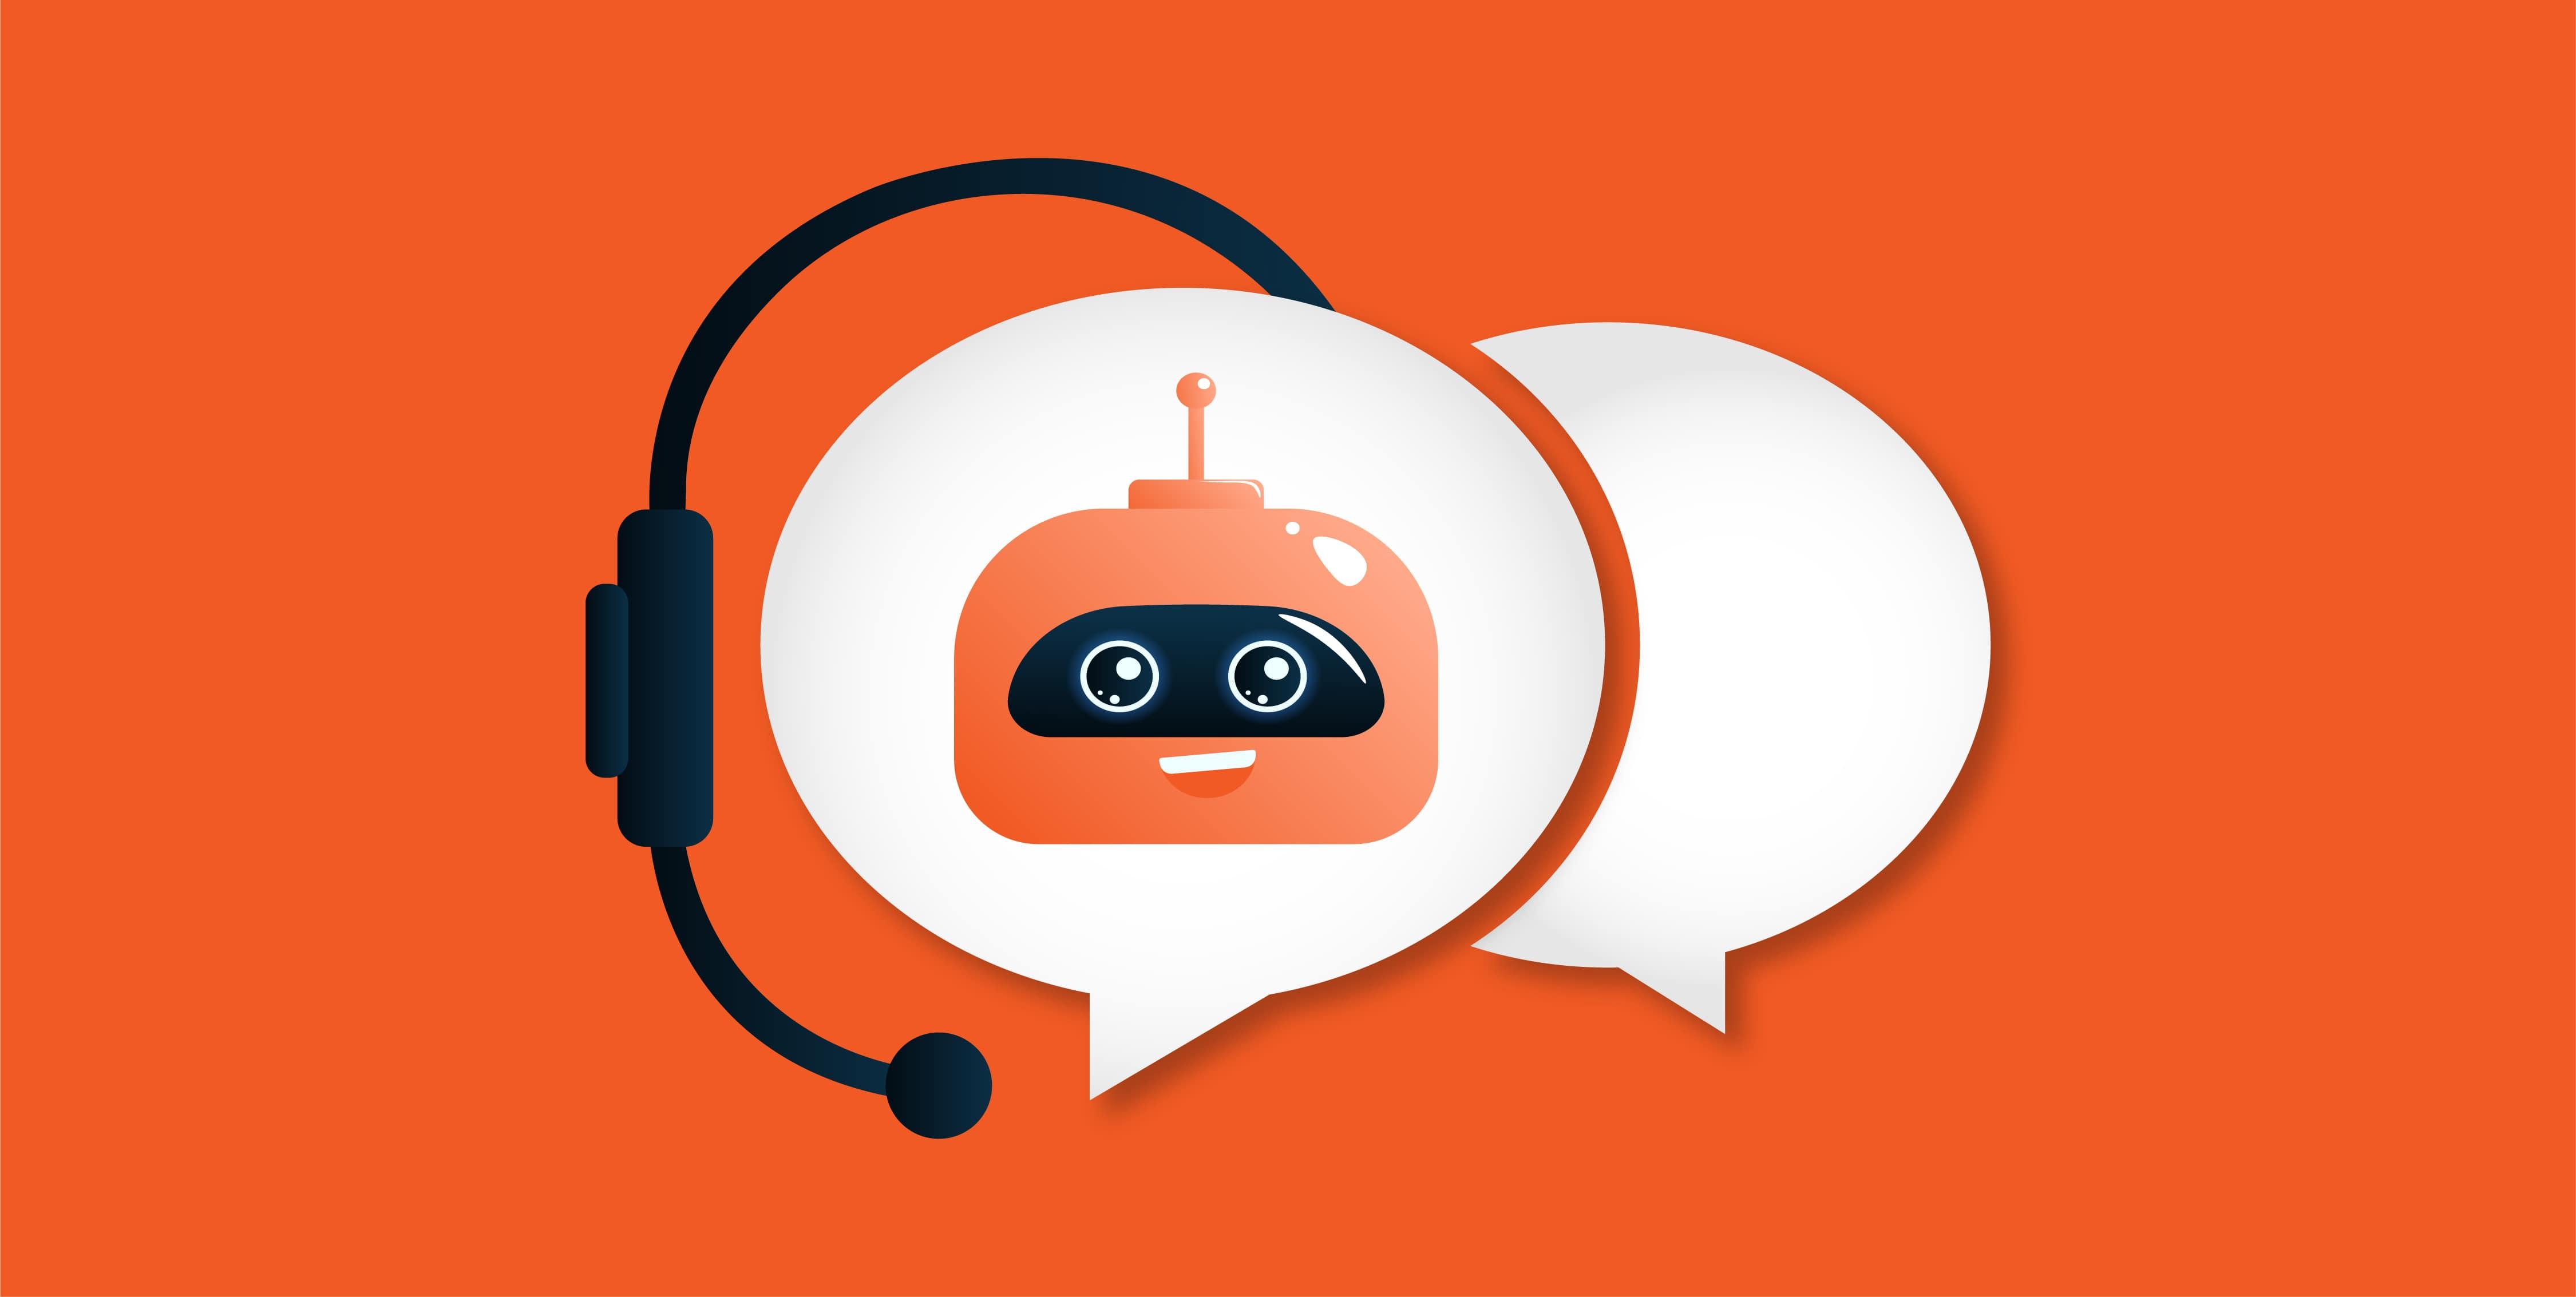 chatbot marki chatbot que es y como funciona como funciona un chatbot como crear un chatbot desde cero qué es un chatbot y para qué sirve